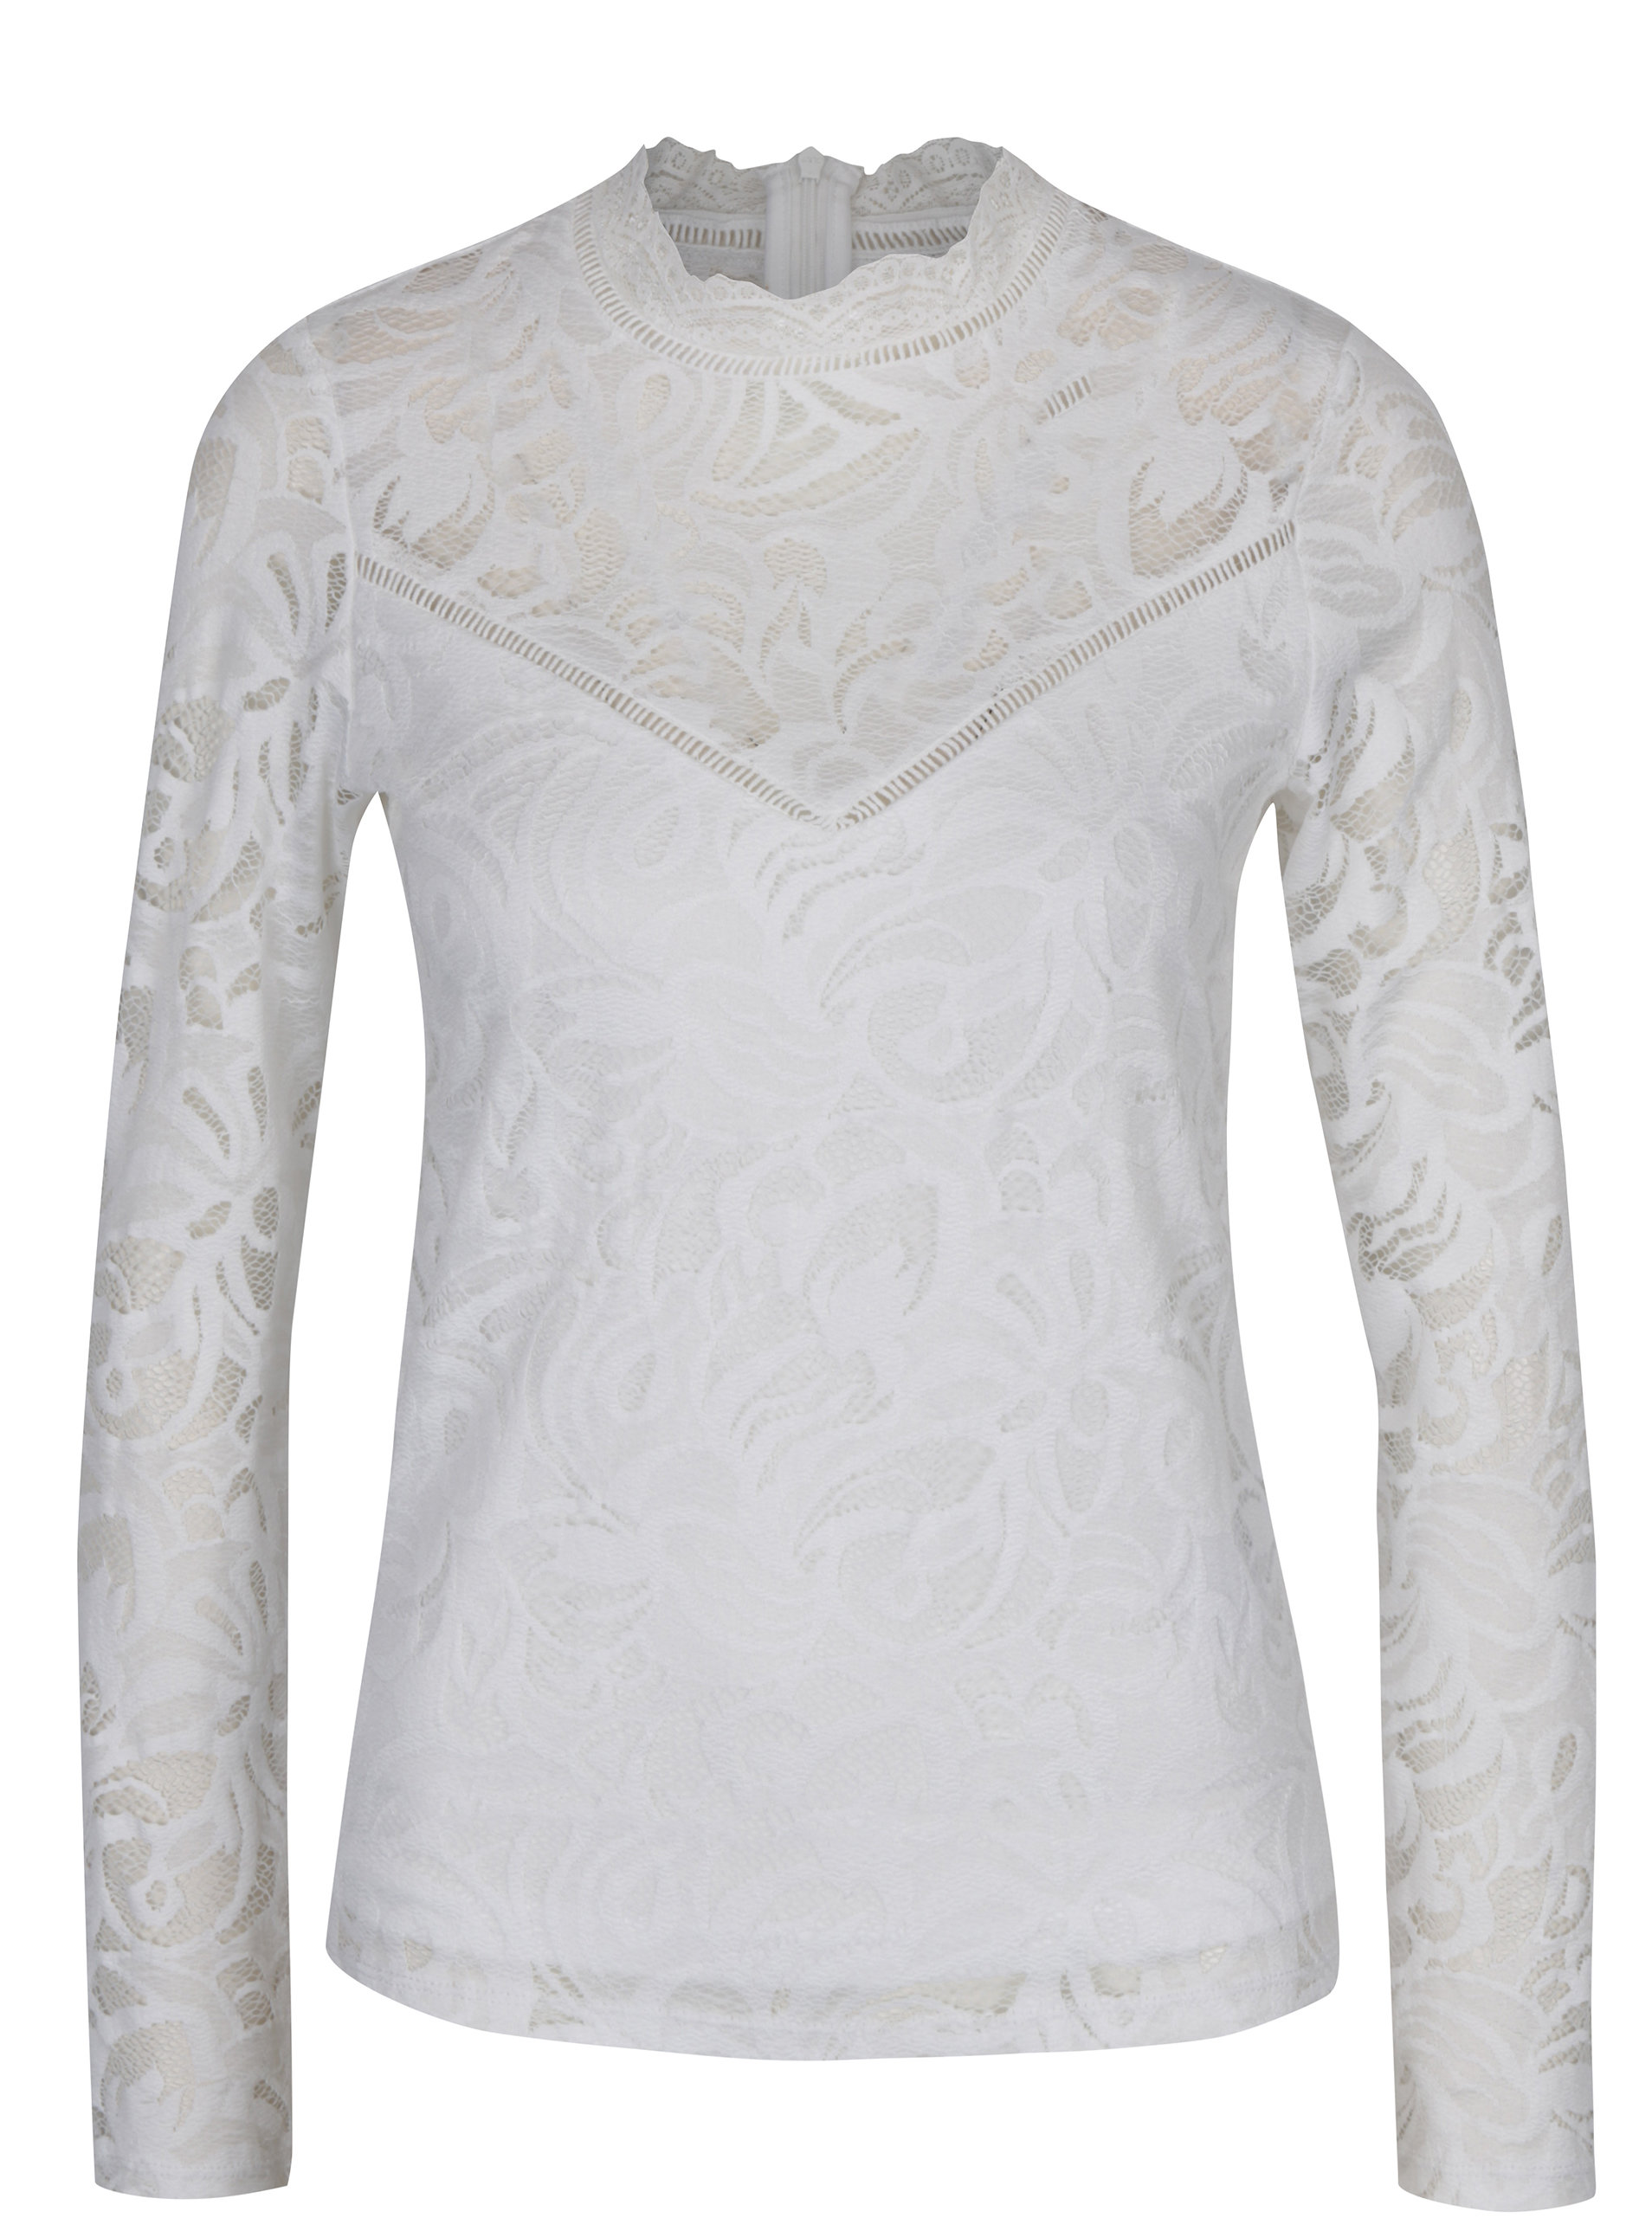 Bílá krajková halenka s dlouhým rukávem VILA Stasia ... 003546e229